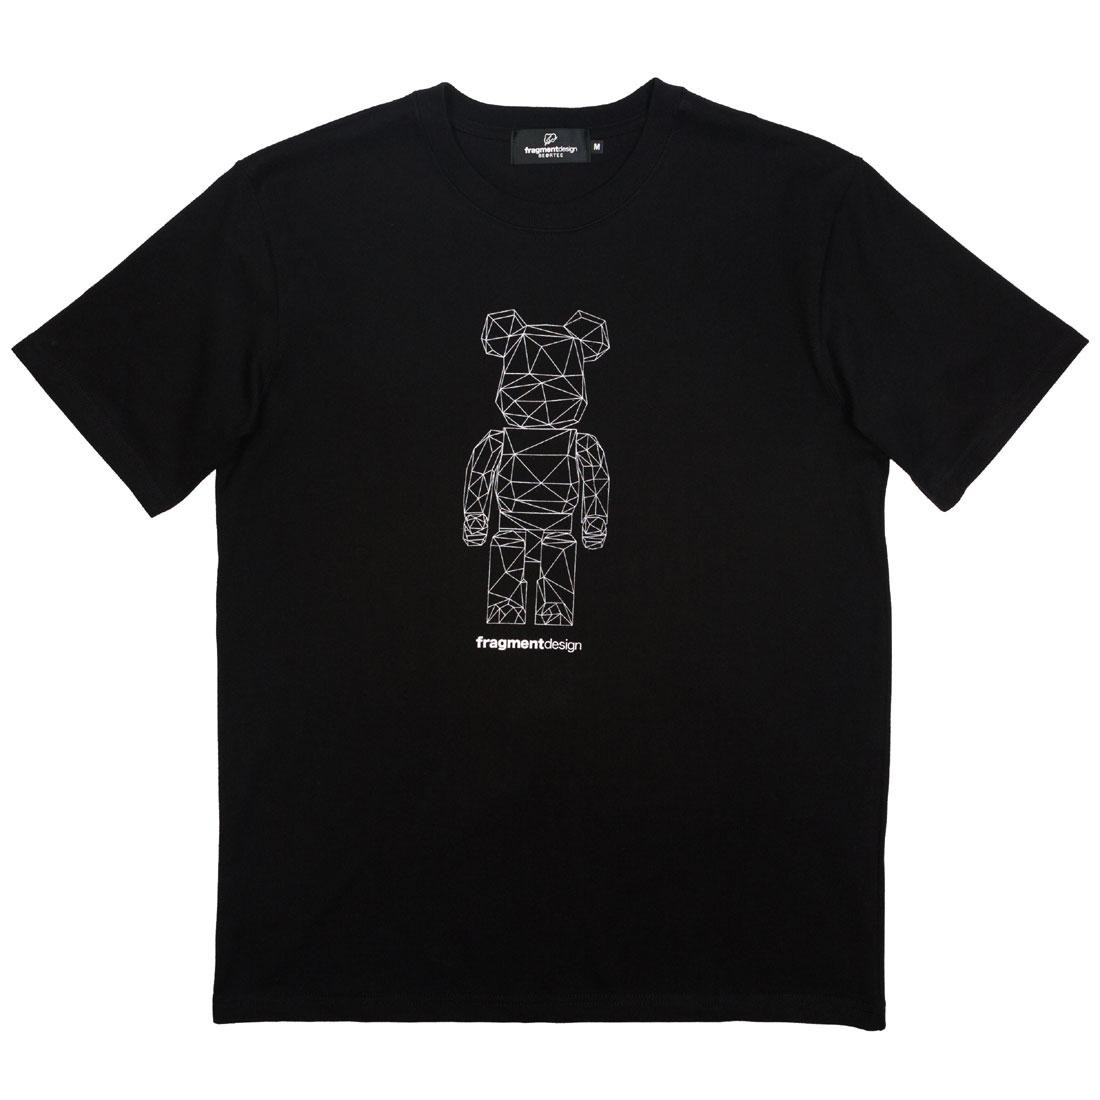 【スーパーセール中! 6/11深夜2時迄】Tシャツ Be@rtee メンズファッション トップス カットソー メンズ 【 Medicom X Fragment Design Men Be@rtee Polygon Tee (black) 】 Black